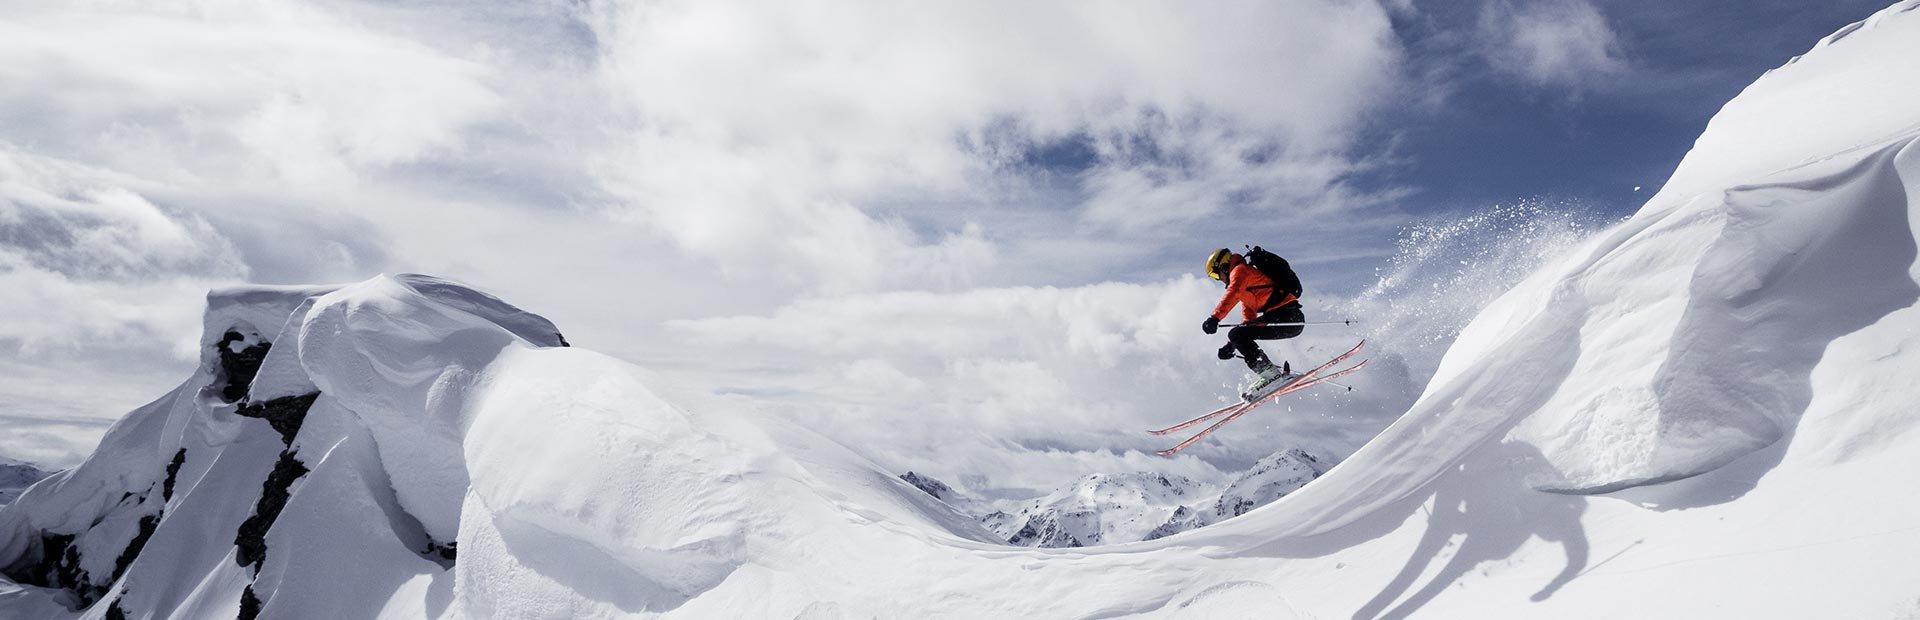 Freeride Freestyle Kicker Schneeverwehungen Schnee Deep powder